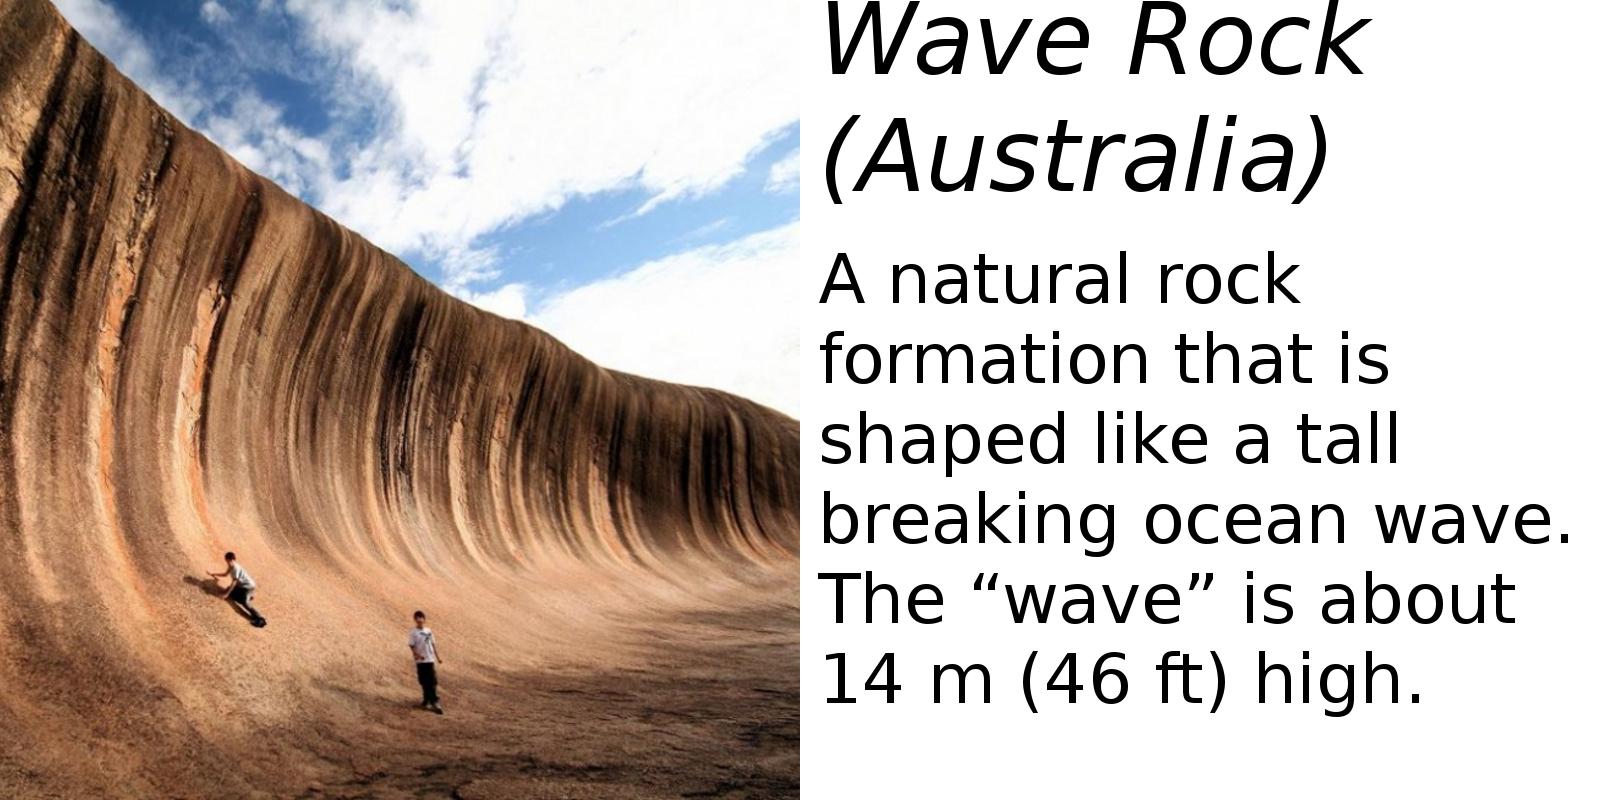 Wave Rock (description) #2